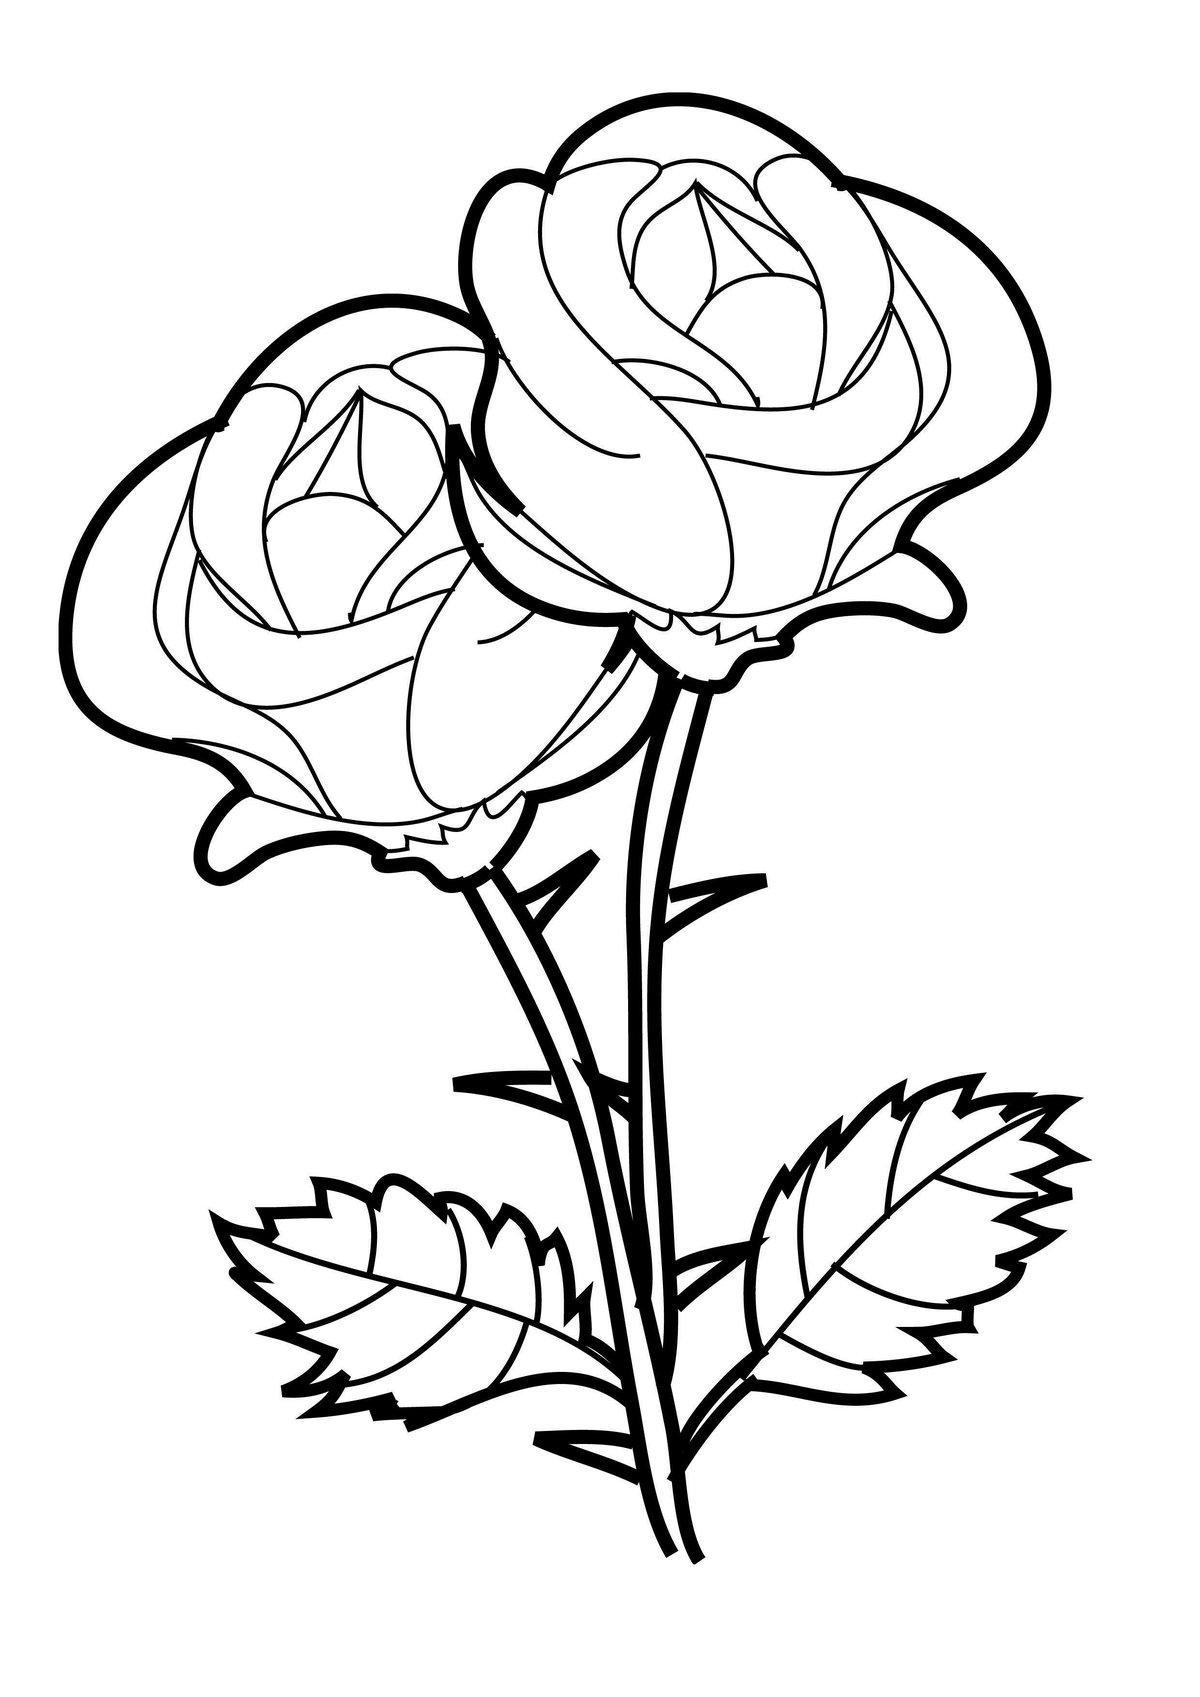 Цветочек для открытки нарисовать, днем